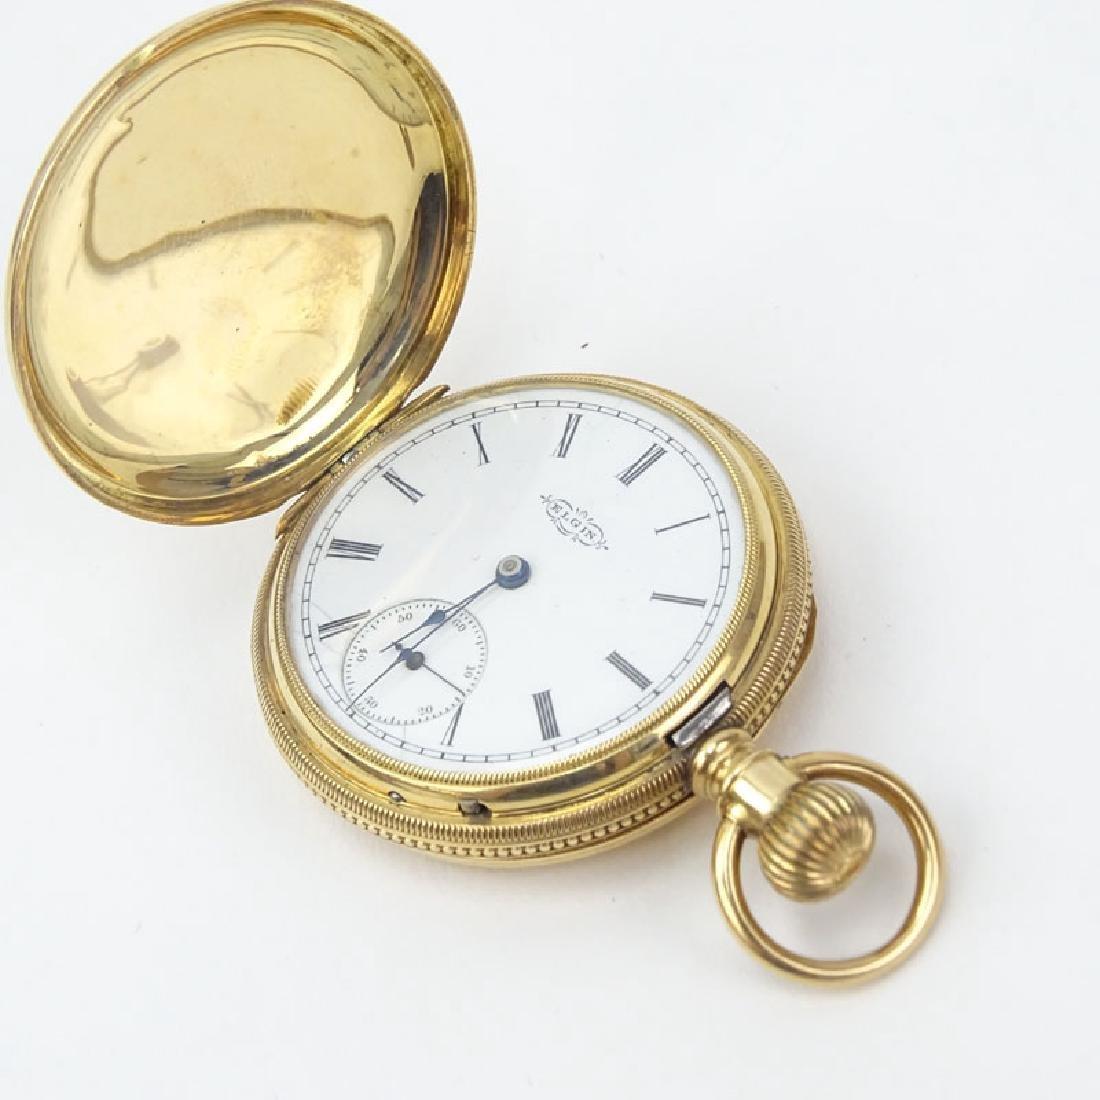 Antique Elgin 14 Karat Yellow Gold Engraved Pocket - 3